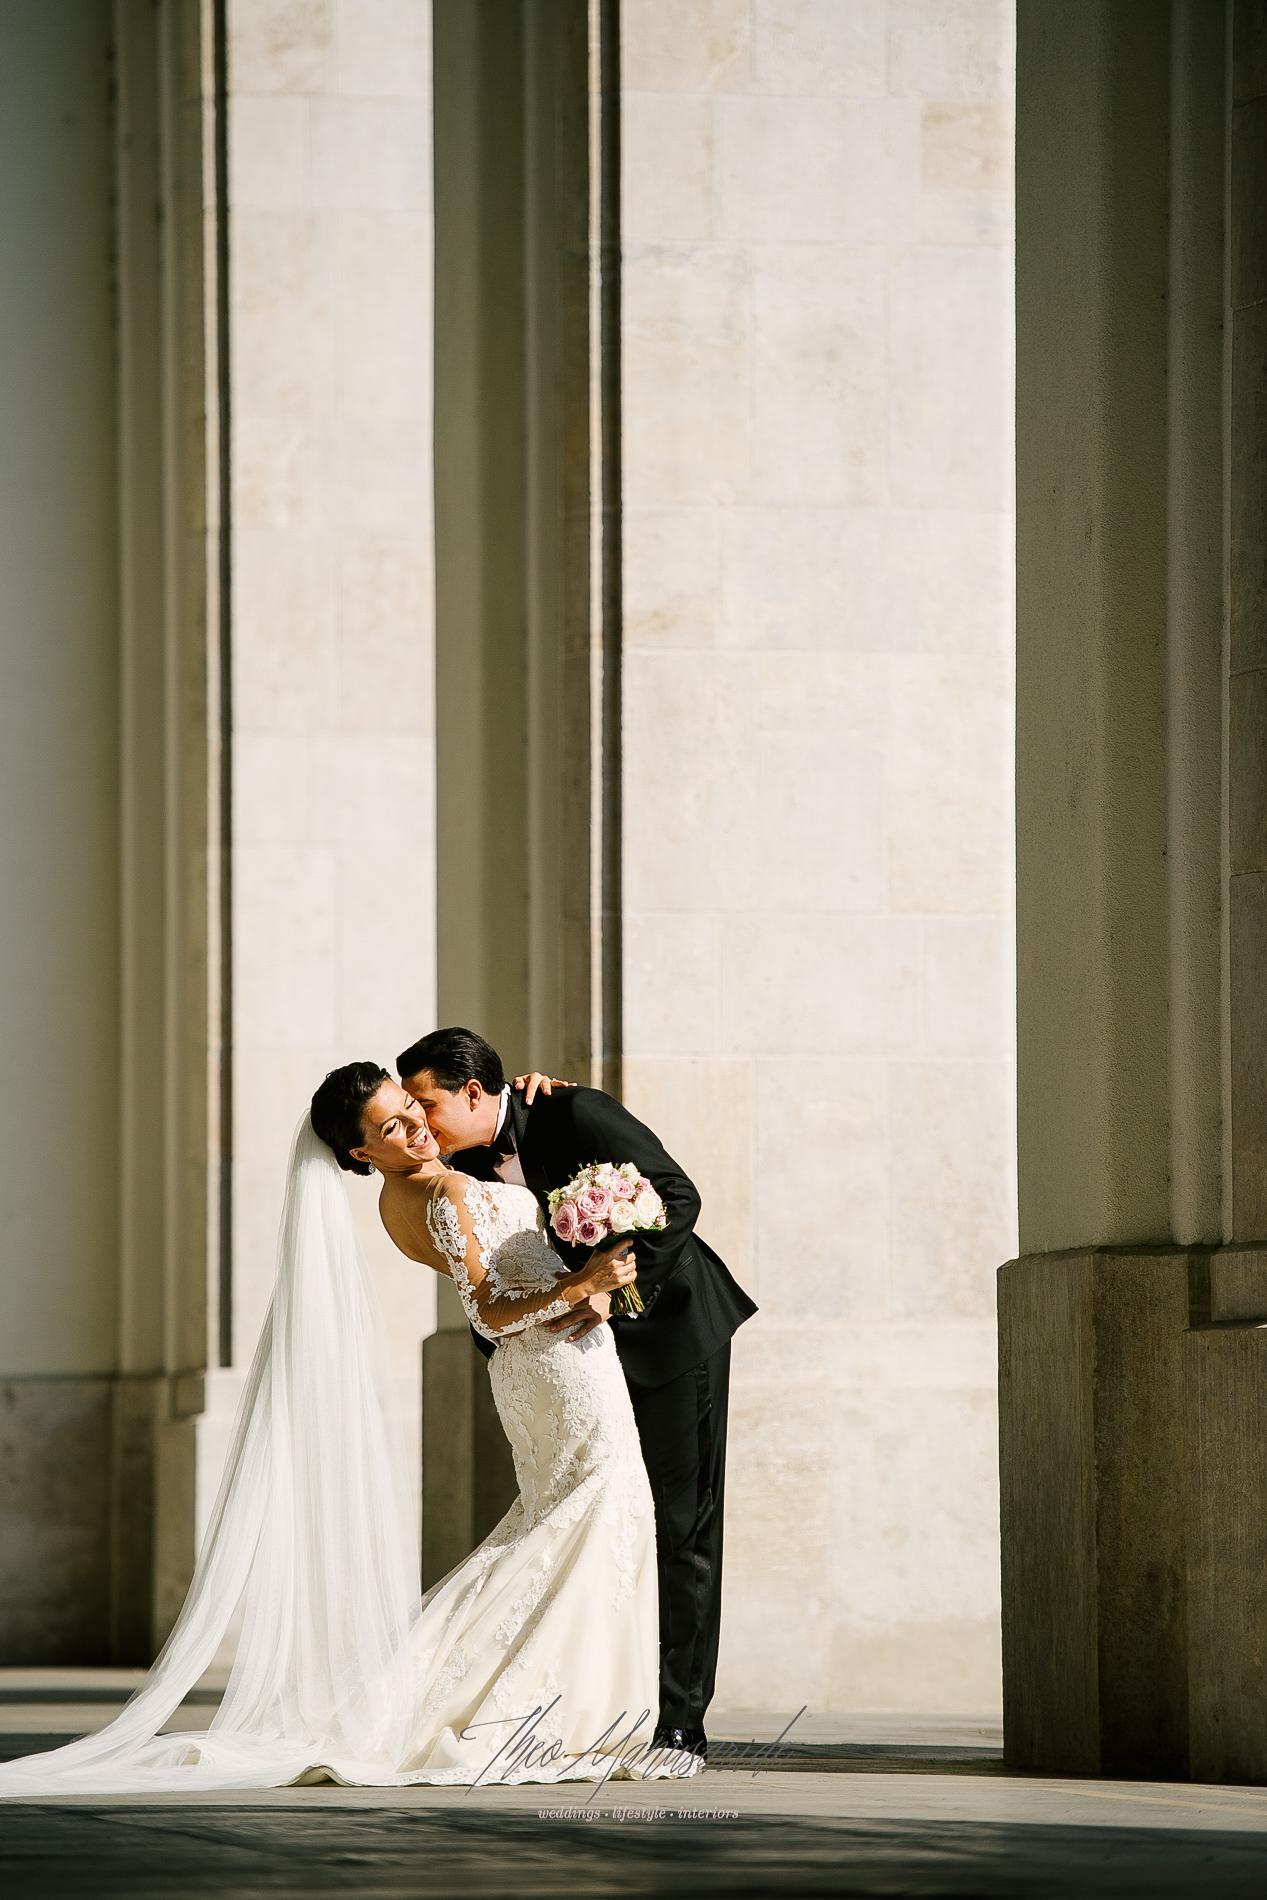 fotograf nunta biavati events-22-2